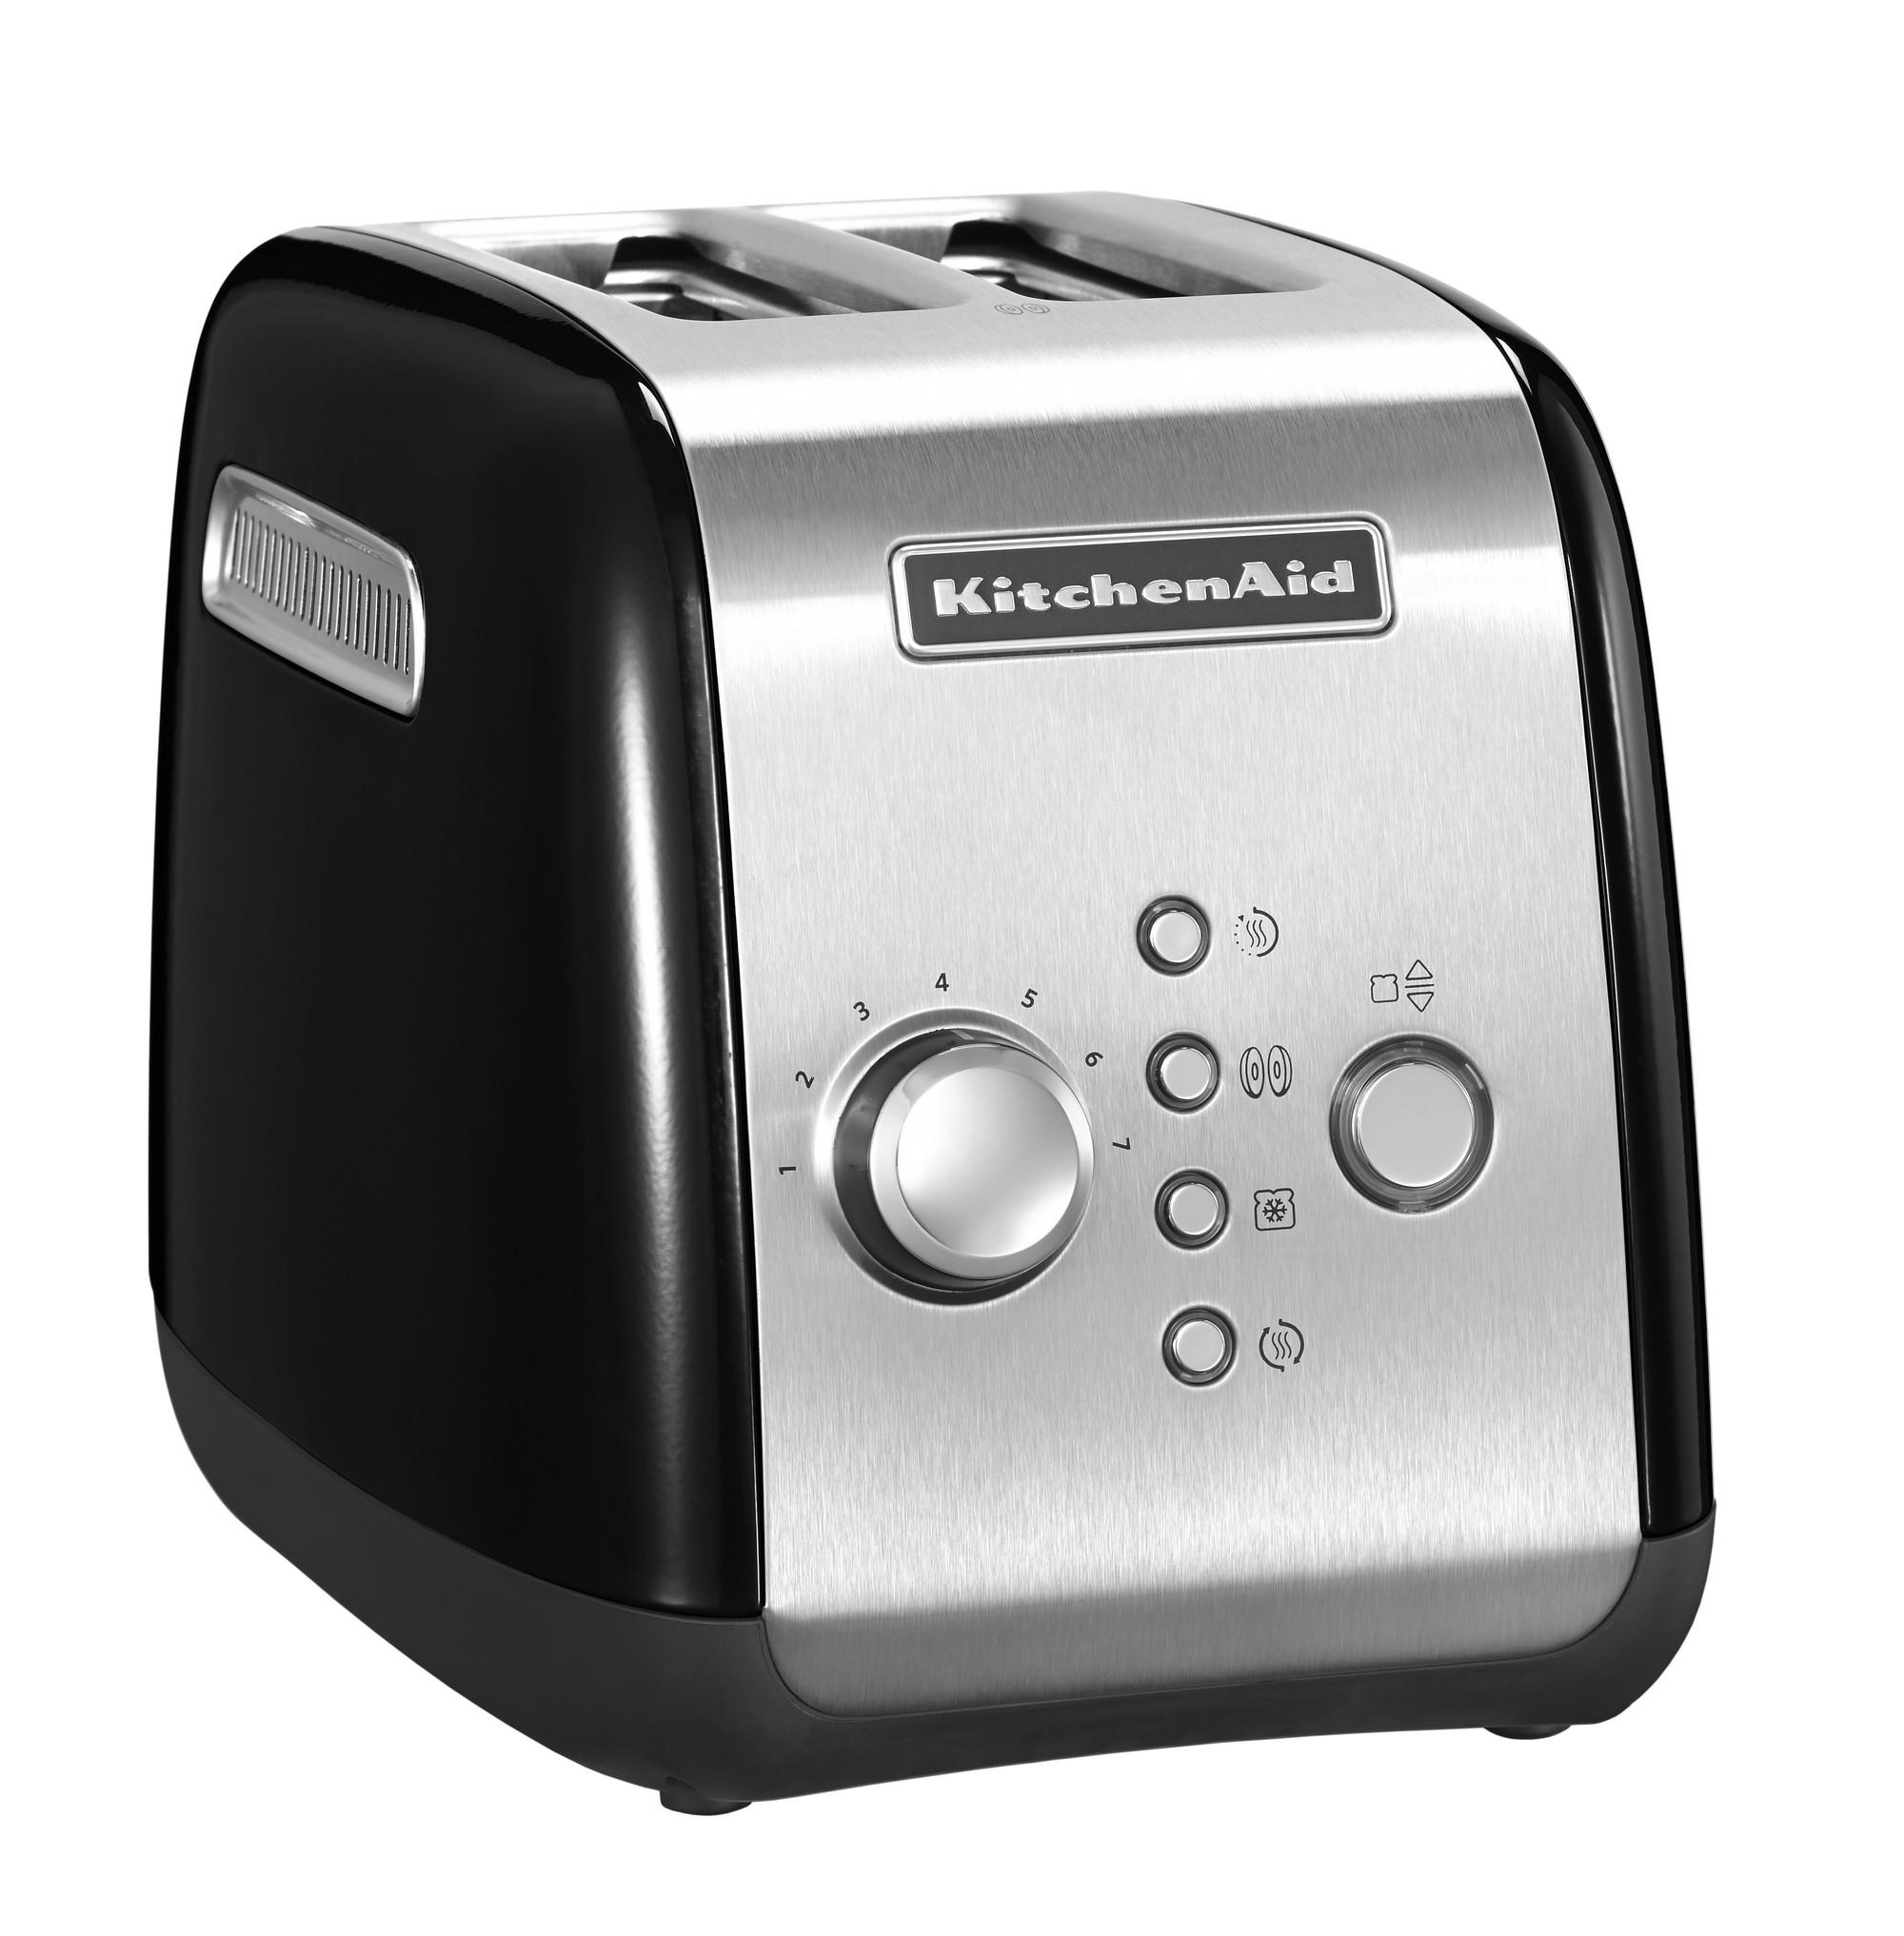 Тостер на 2 хлебца, черный, 5KMT221, KitchenAidТостеры KitchenAid<br>&#13;<br>&#13;<br>Тип: на 2 хлебца;&#13;<br>Материал корпуса: сталь;&#13;<br>Хромированная ручка регулирования температуры;&#13;<br>Широкие отверстия для тостов;&#13;<br>Шкала с 7 степенями поджаривания;&#13;<br>Кнопка «Приготовление»/«Отмена»: позволяет опустить/поднять тосты вручную;&#13;<br>Функция для приготовления булочек и бейглов: поджаривает изнутри, подогревает снаружи;&#13;<br>Функция размораживания;&#13;<br>Режим подогрева в течение 3 мин.&#13;<br><br>